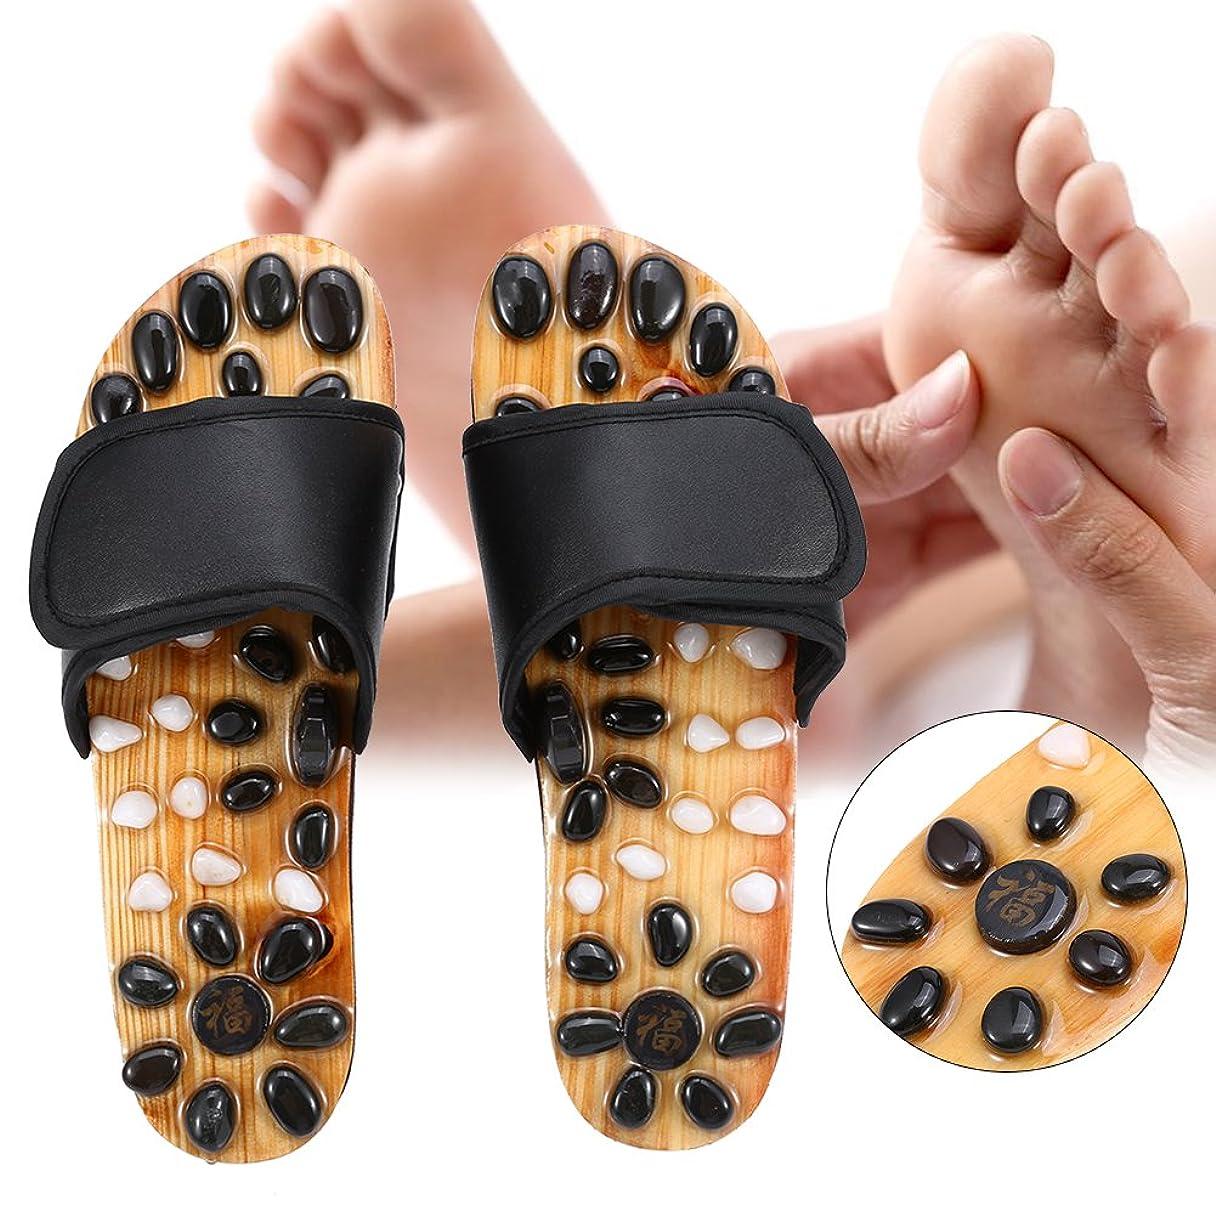 インディカ松経済的足マッサージスリッパ、リフレクソロジー足底筋膜炎ヘルスケアマッサージシューズ男性と女性のための足の痛みを軽減する (2# 38)